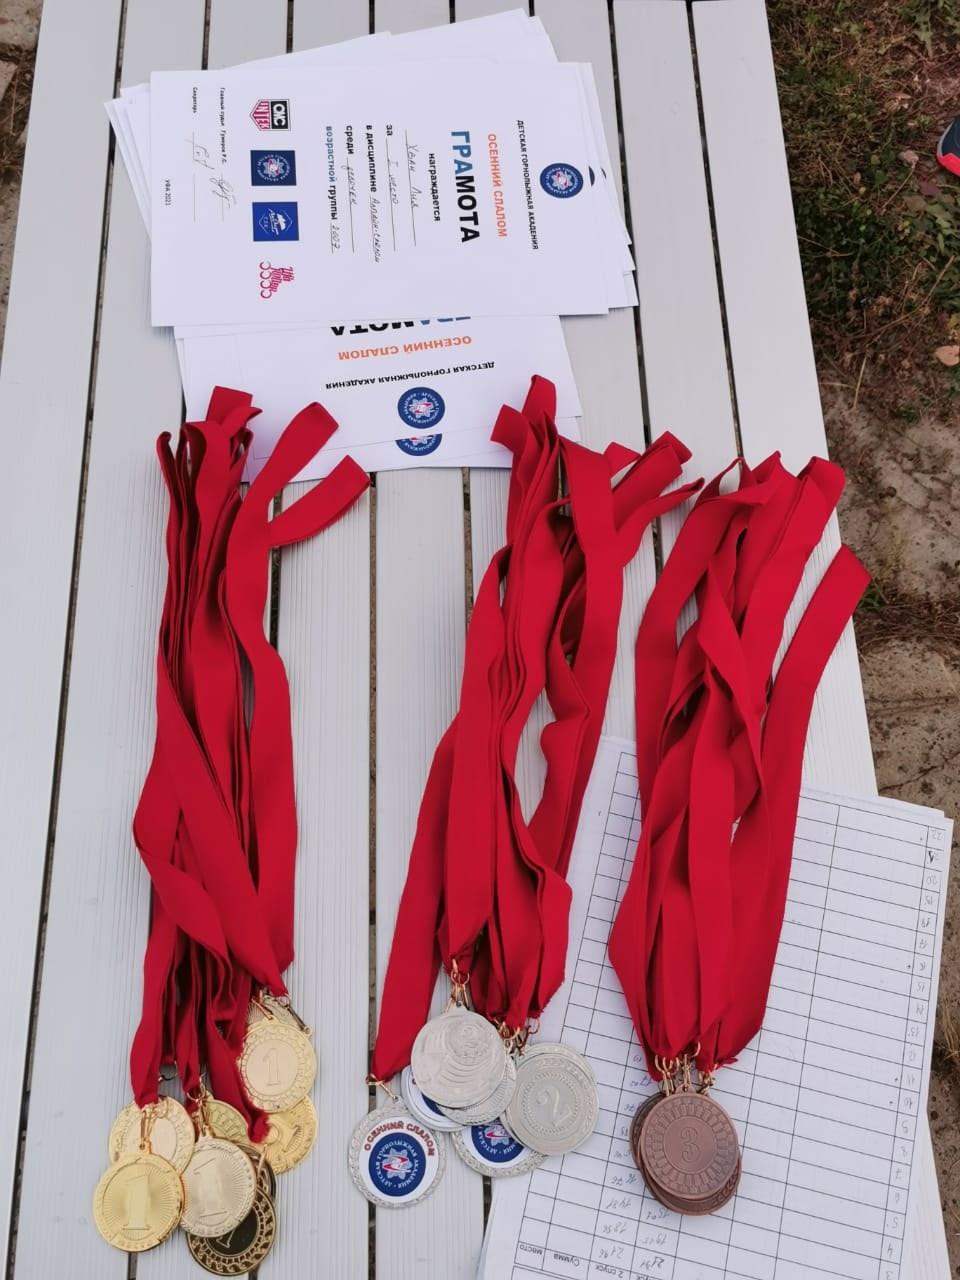 Соревнования по Алпайн-слалому в Горнолыжном комплексе «АК ЙОРТ» г. Уфа